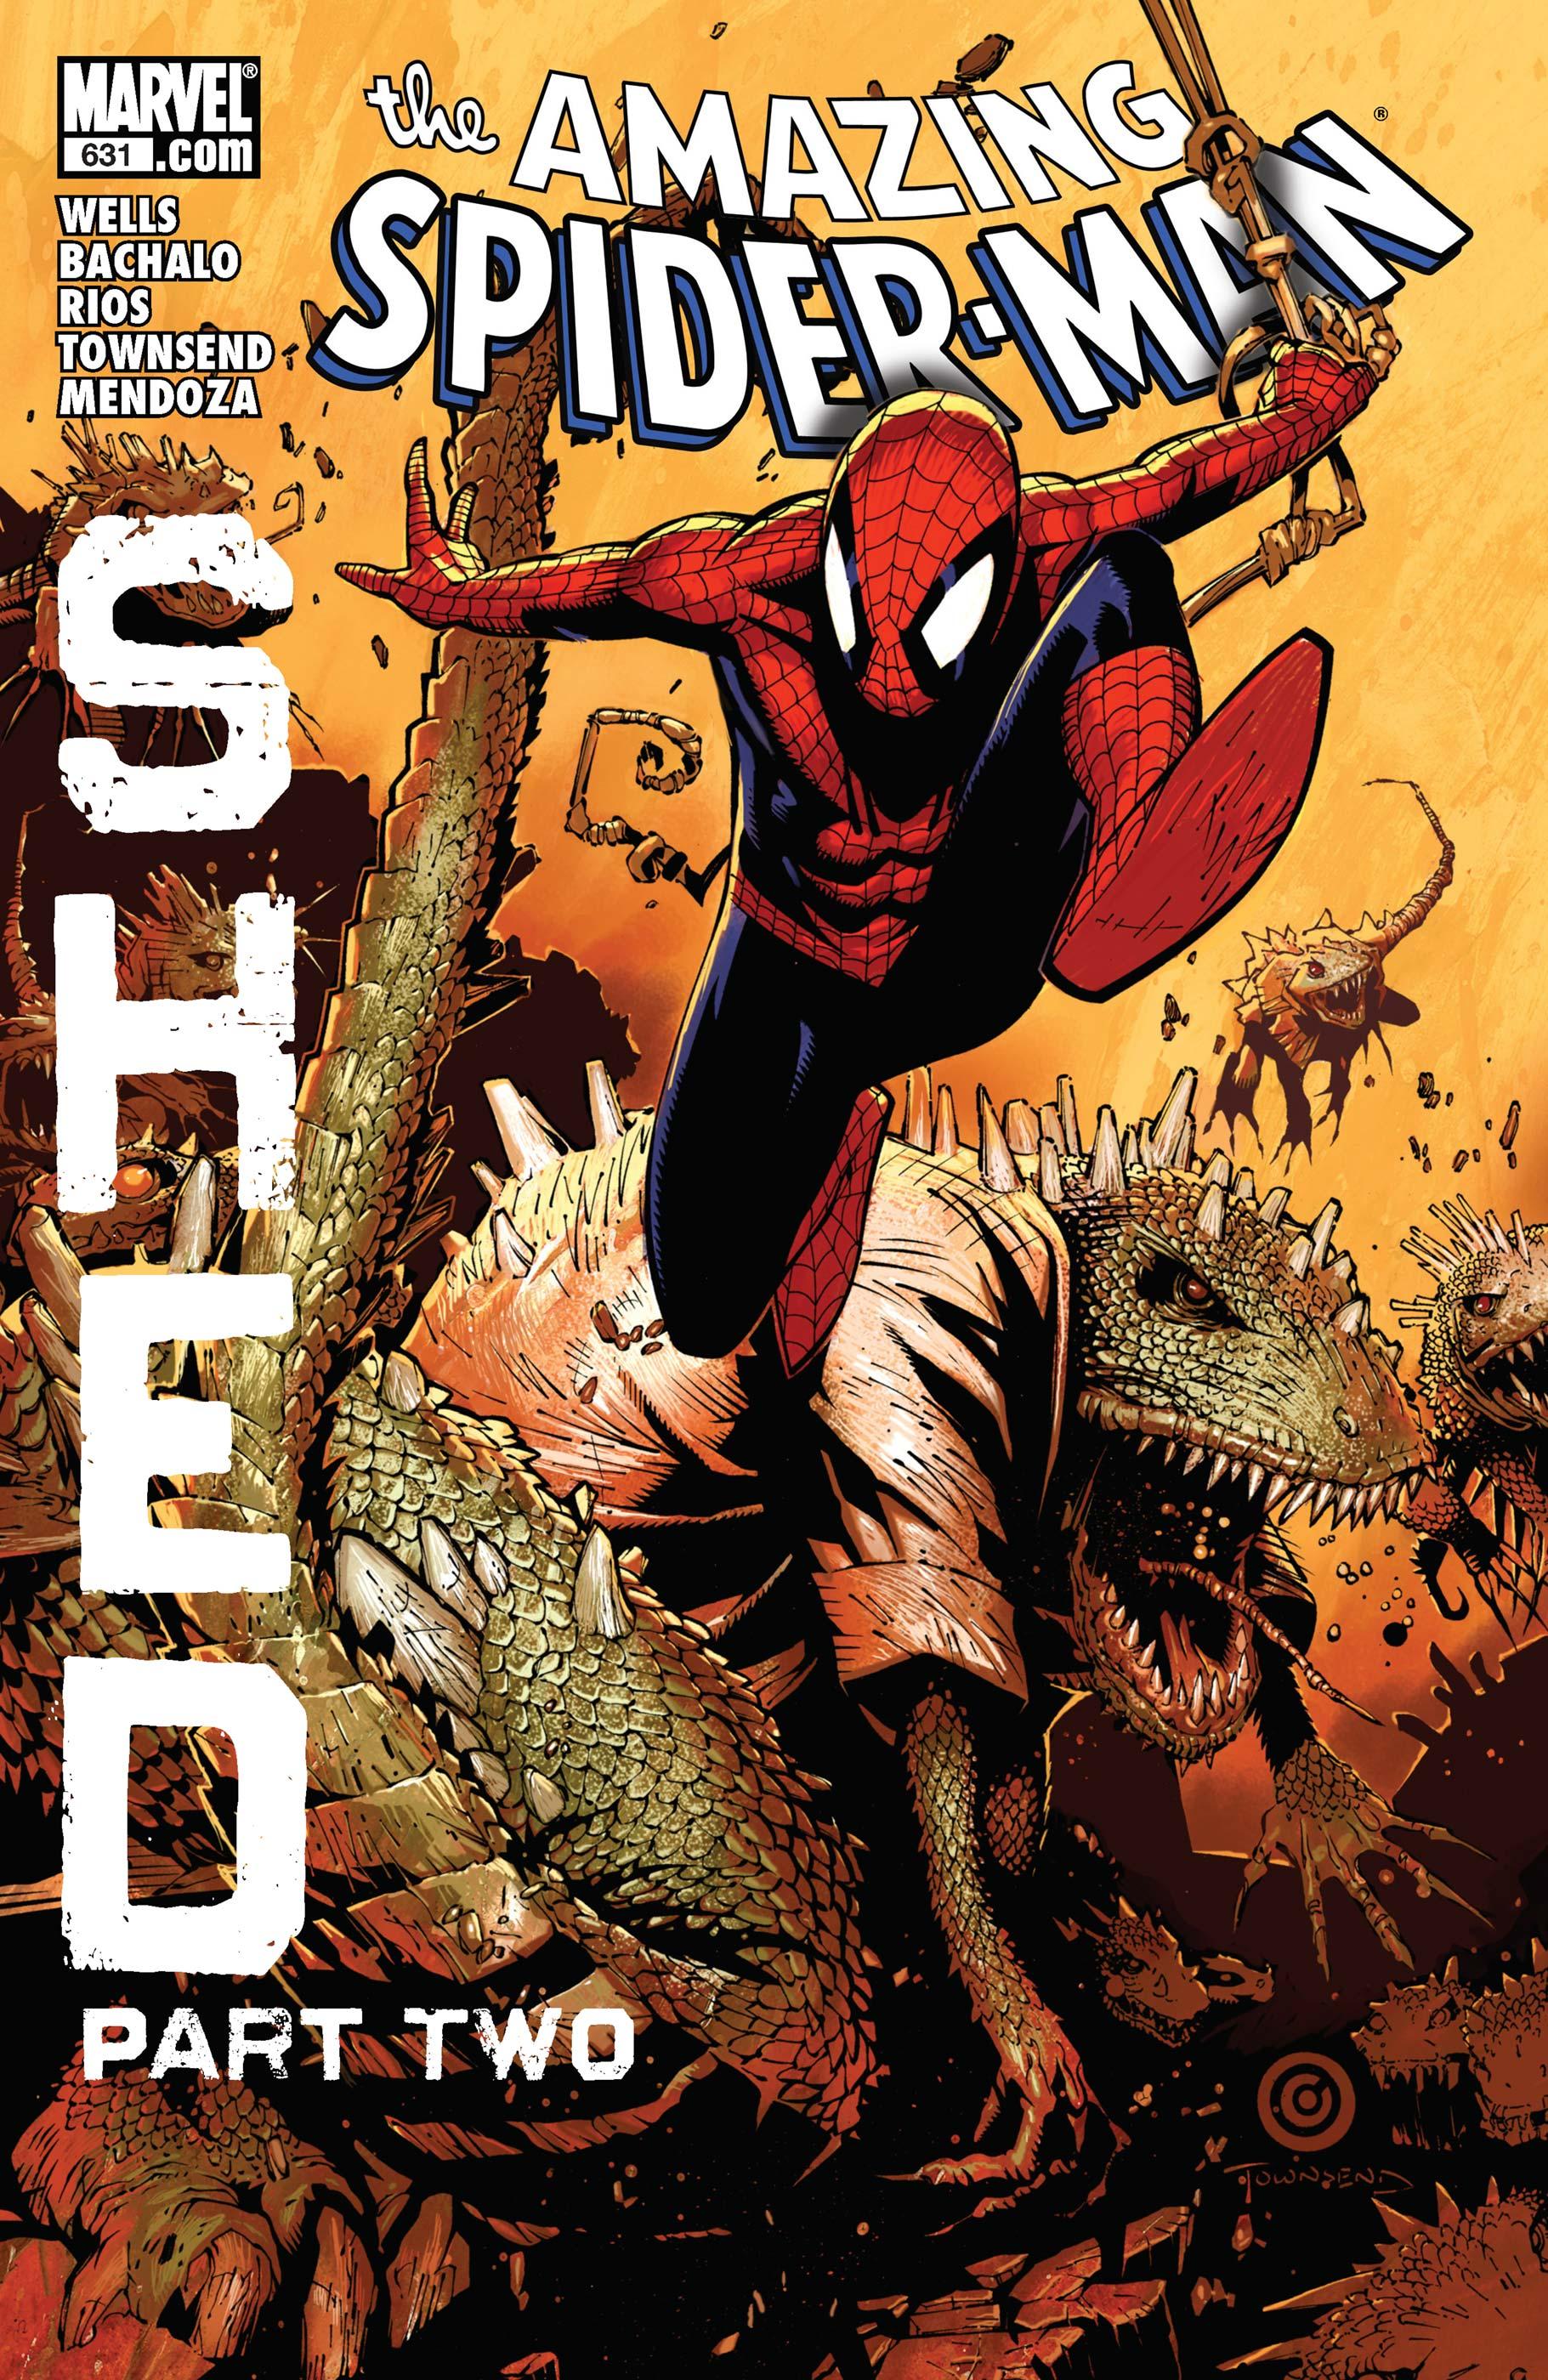 Amazing Spider-Man (1999) #631